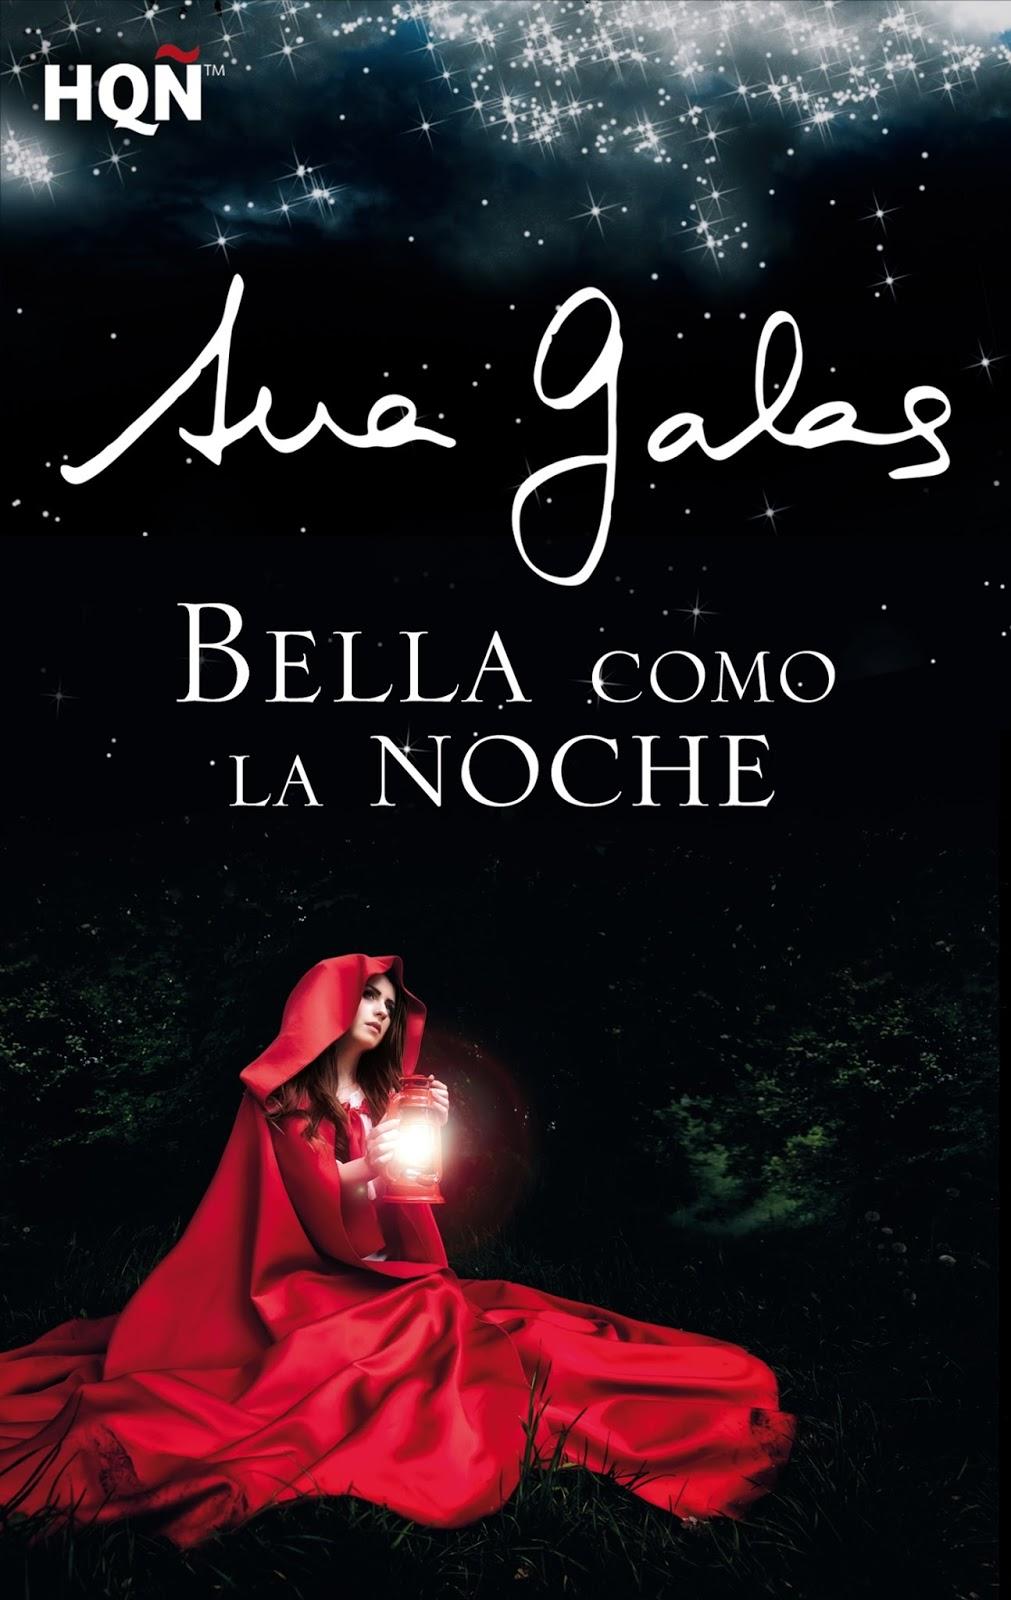 http://labibliotecadebella.blogspot.com.es/2015/07/bella-como-la-noche-ana-galas.html